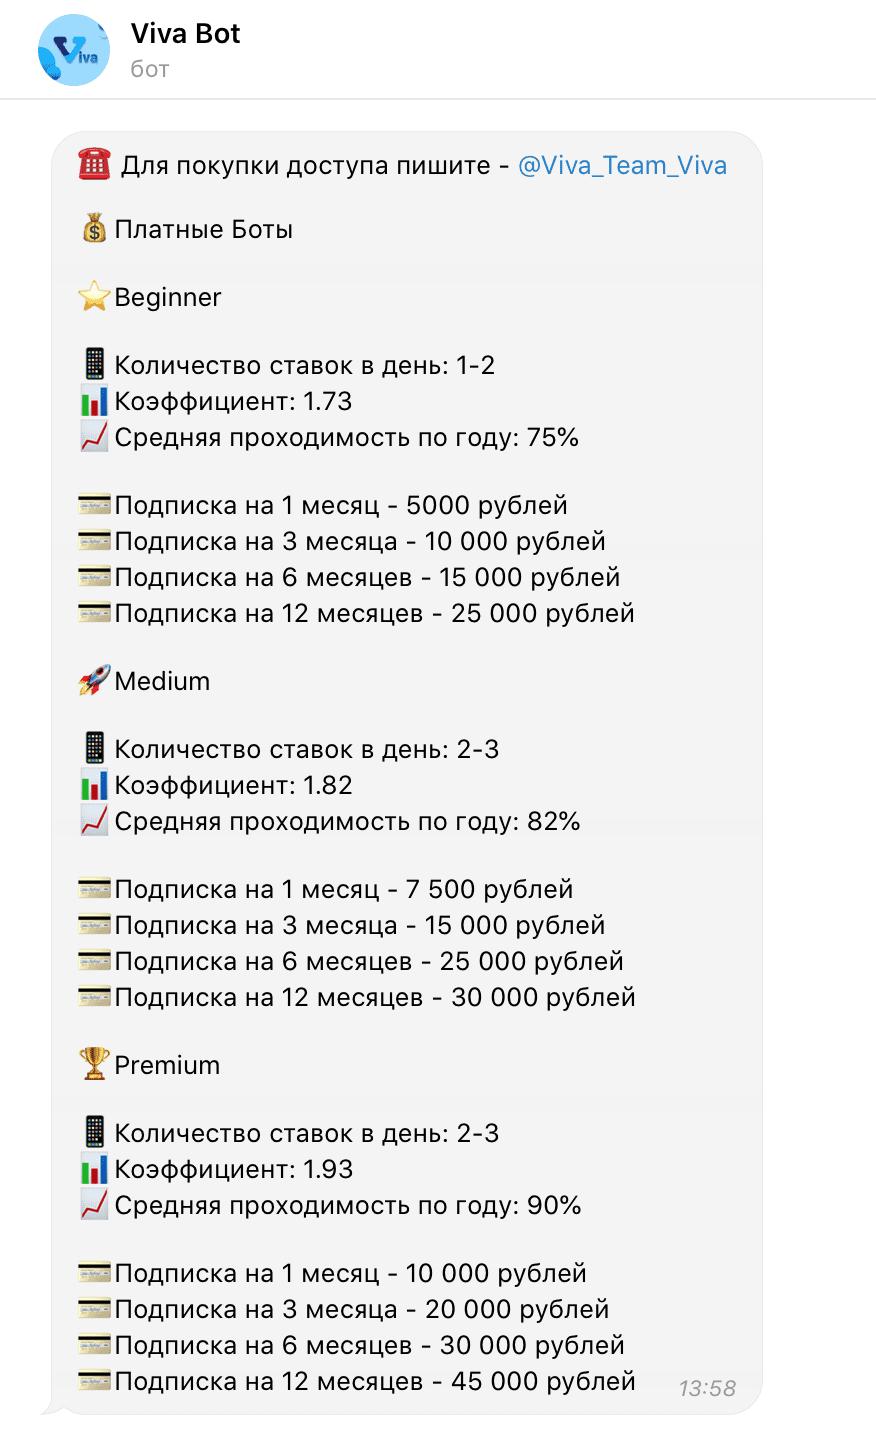 Цены на подписки Вива бот каппера